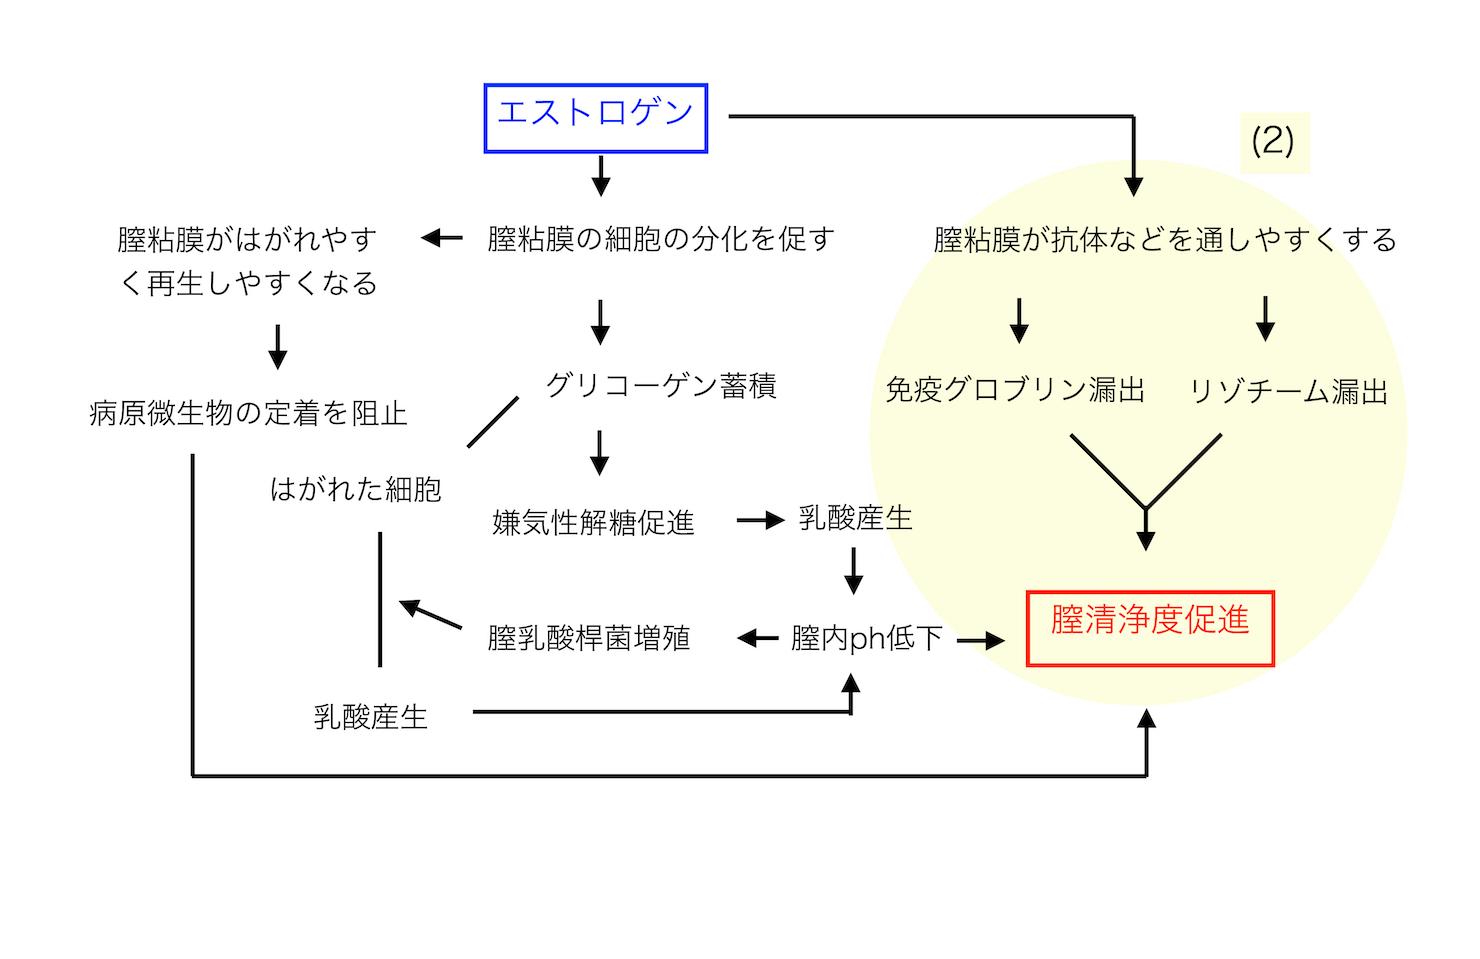 エストロゲンと膣内環境の関係の図